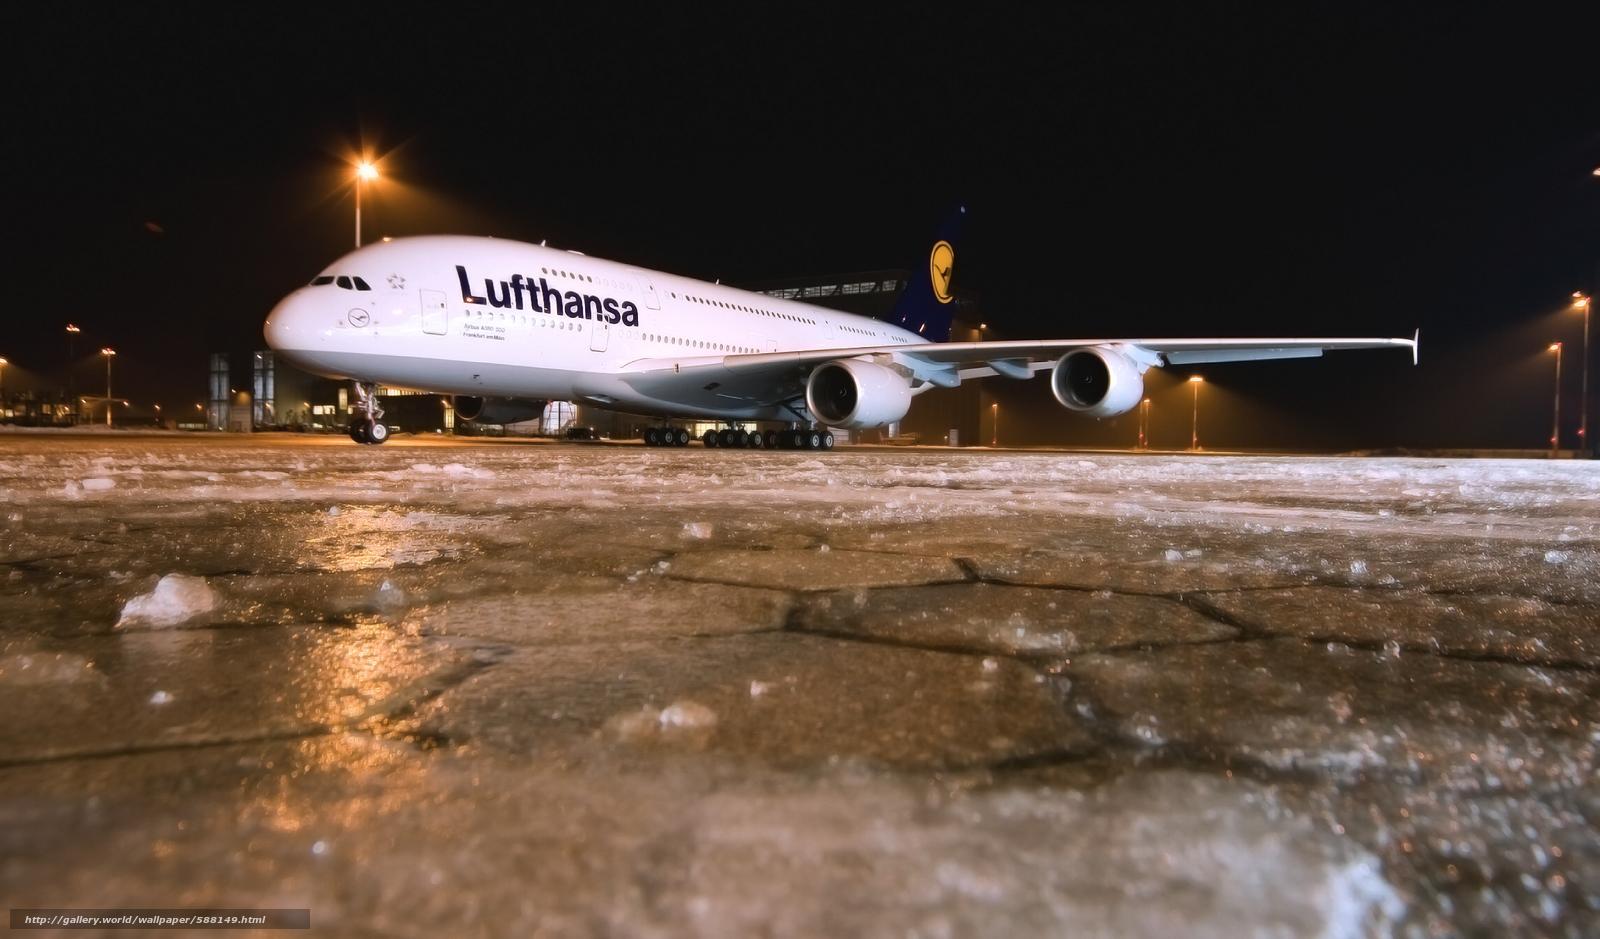 Скачать обои Ночь,  Зима,  Авиалайнер,  Аэропорт бесплатно для рабочего стола в разрешении 2300x1350 — картинка №588149